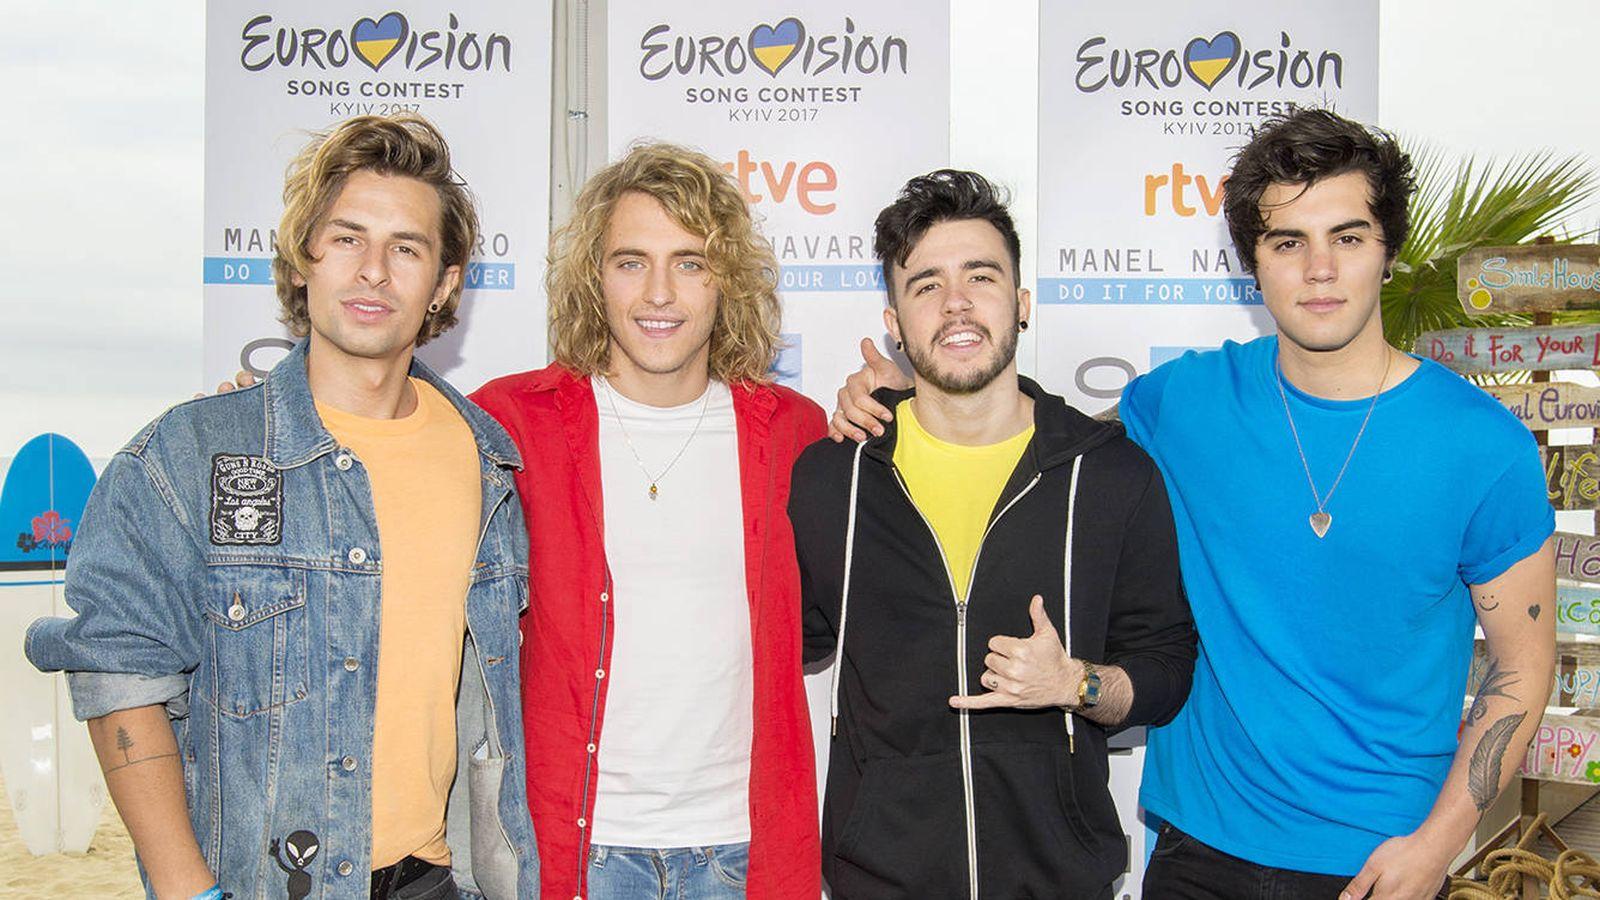 Foto: Manel Navarro y la banda con la que actuará en Eurovisión 2017. (RTVE)